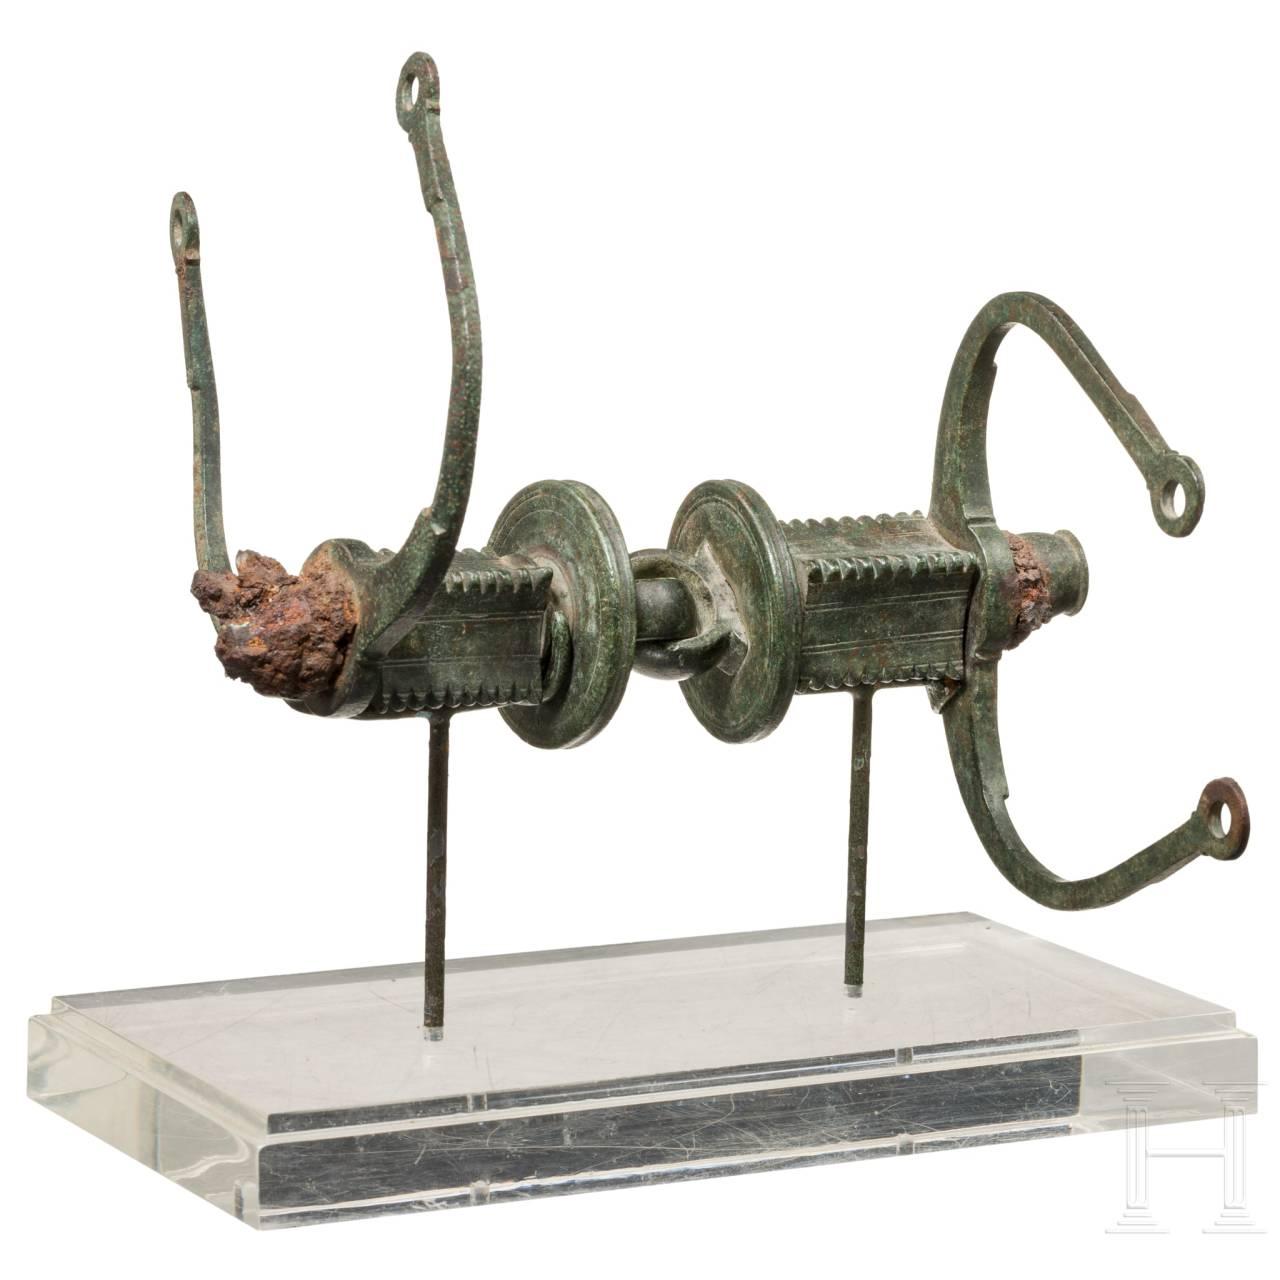 Exzeptionelle etruskische Pferdetrense, Mittelitalien, 5. Jh. v. Chr.